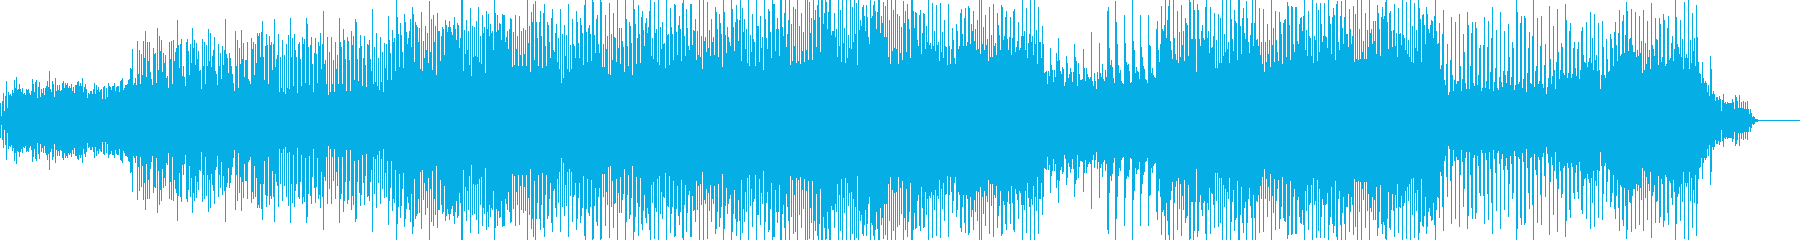 キラキラコミカルなゲーム系ミュージックの再生済みの波形